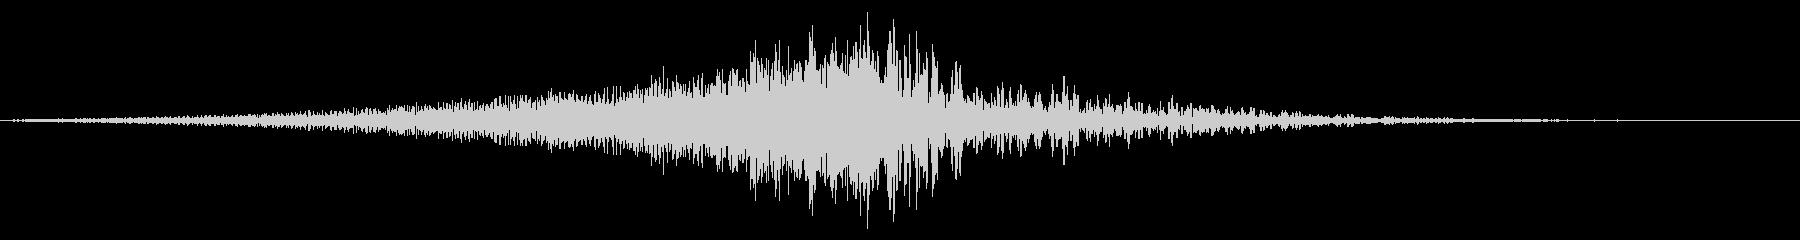 ホラー系アタック音119の未再生の波形